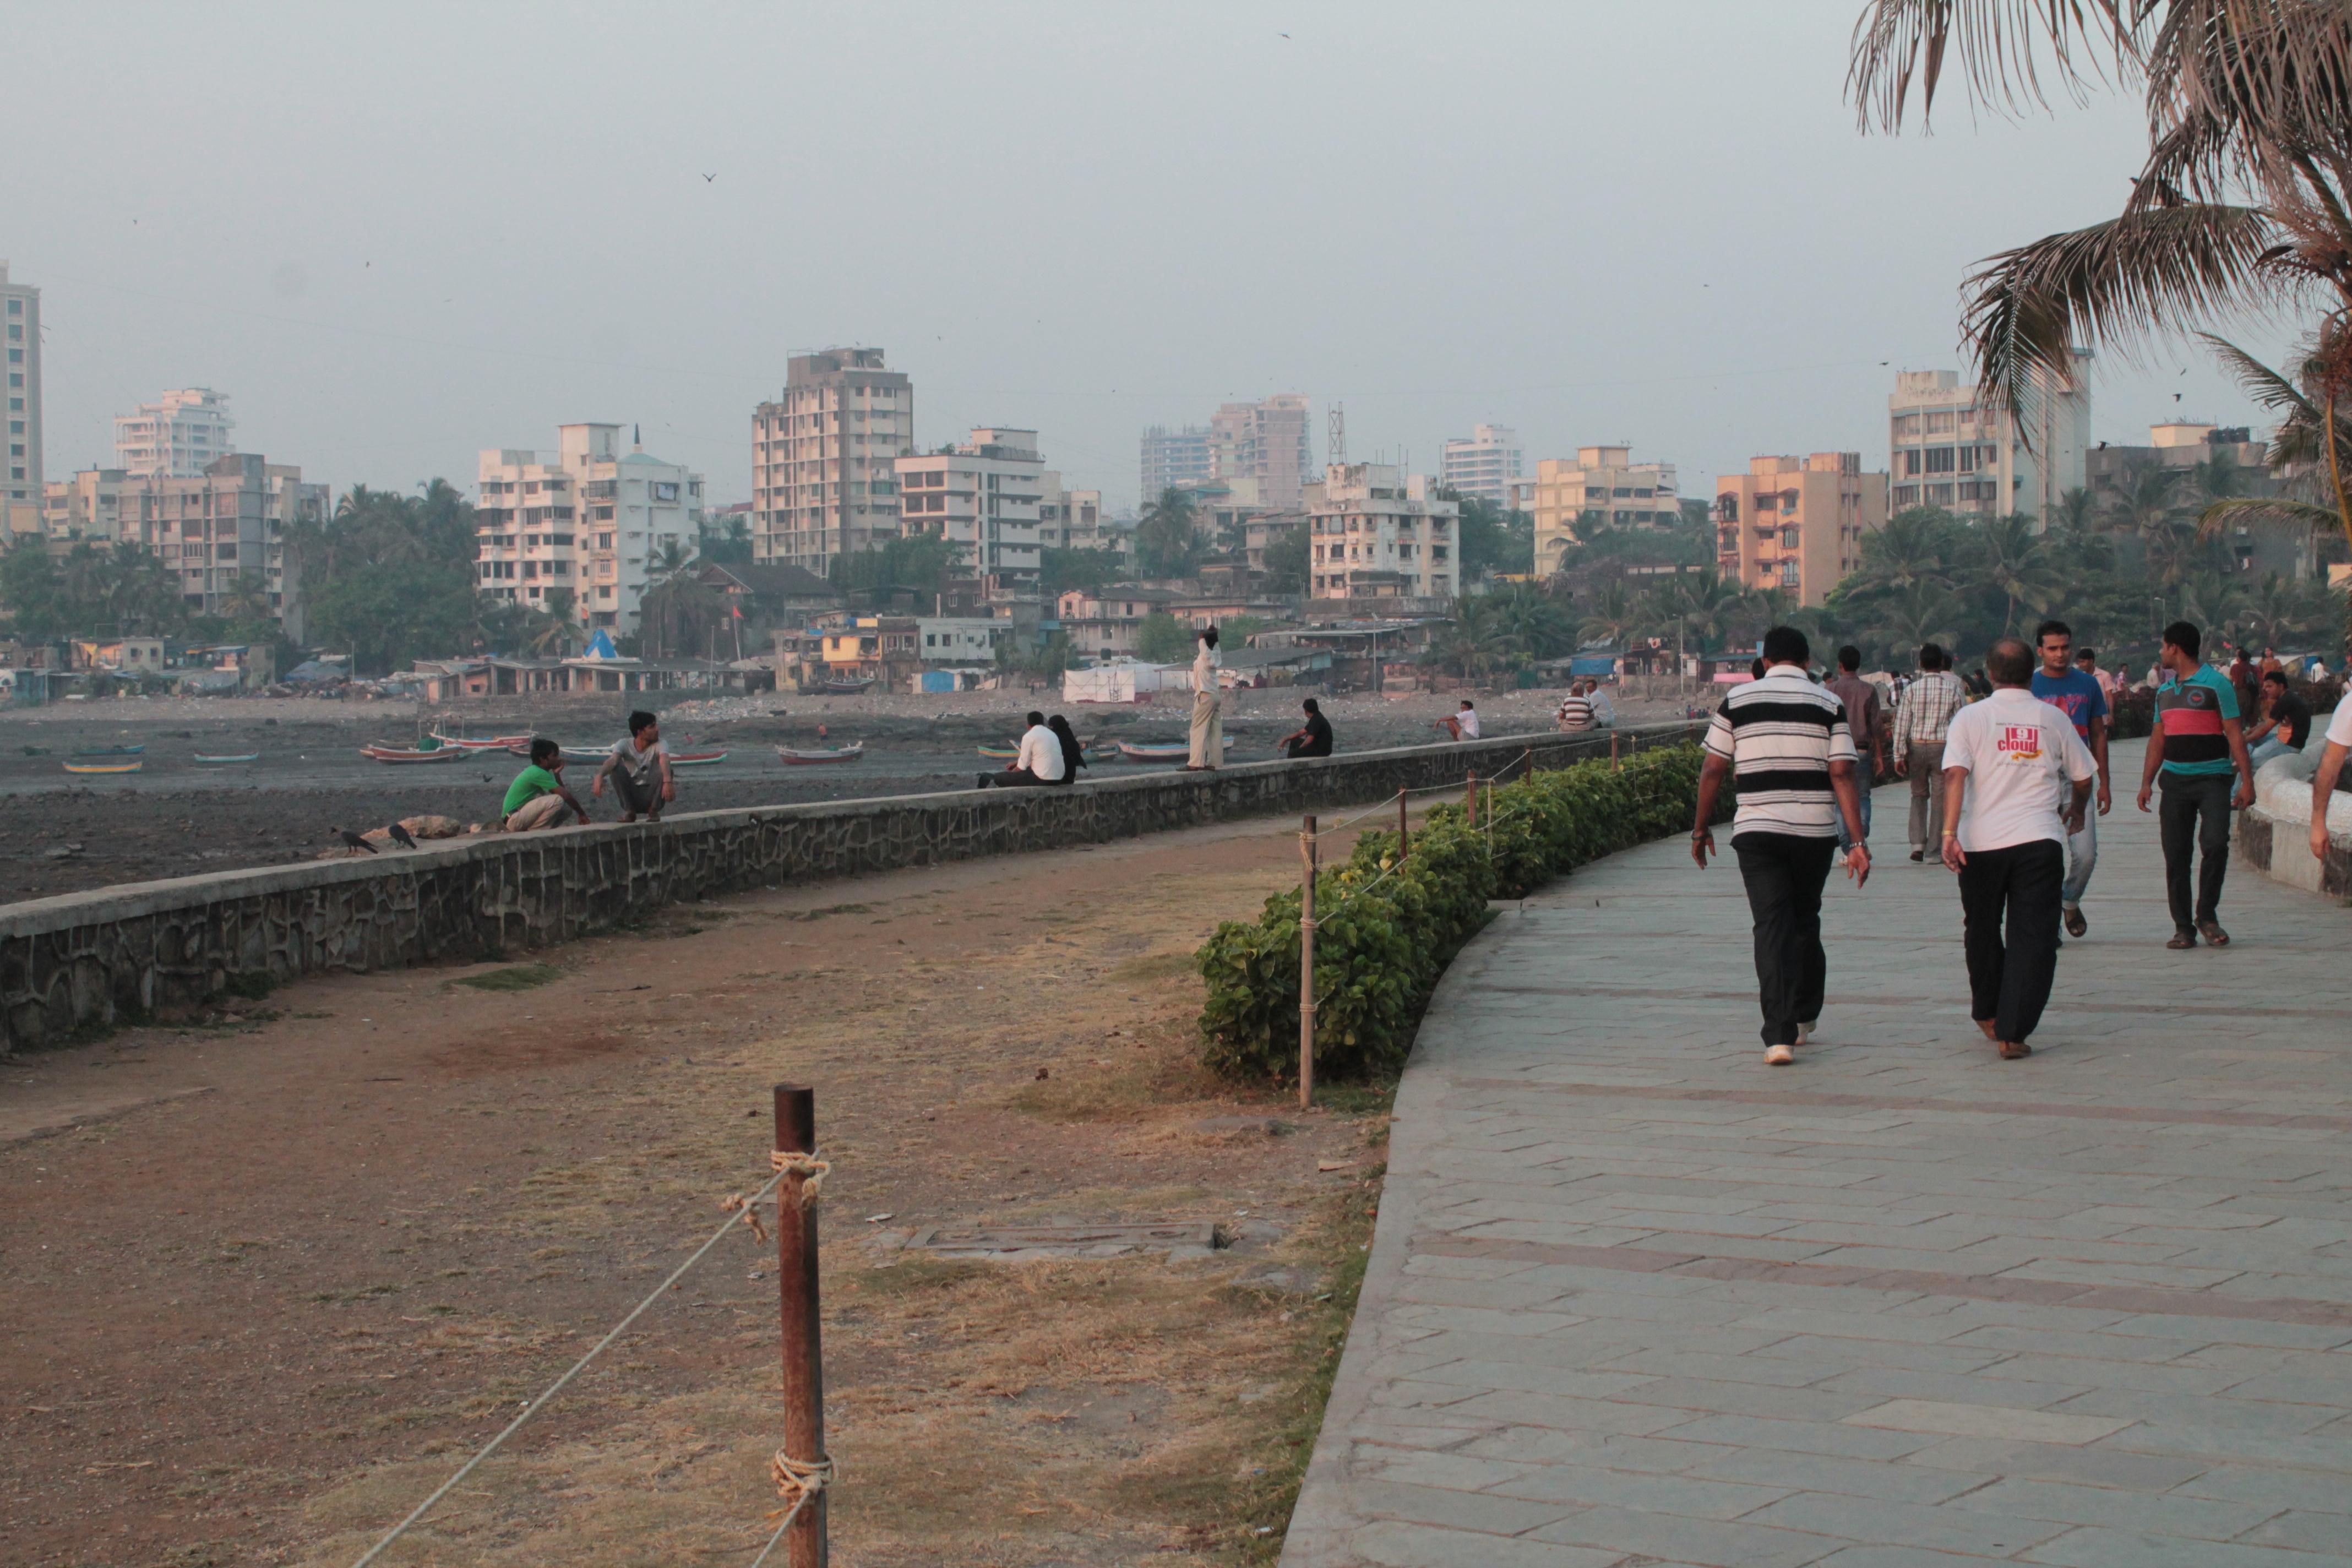 mumbai2 - copie